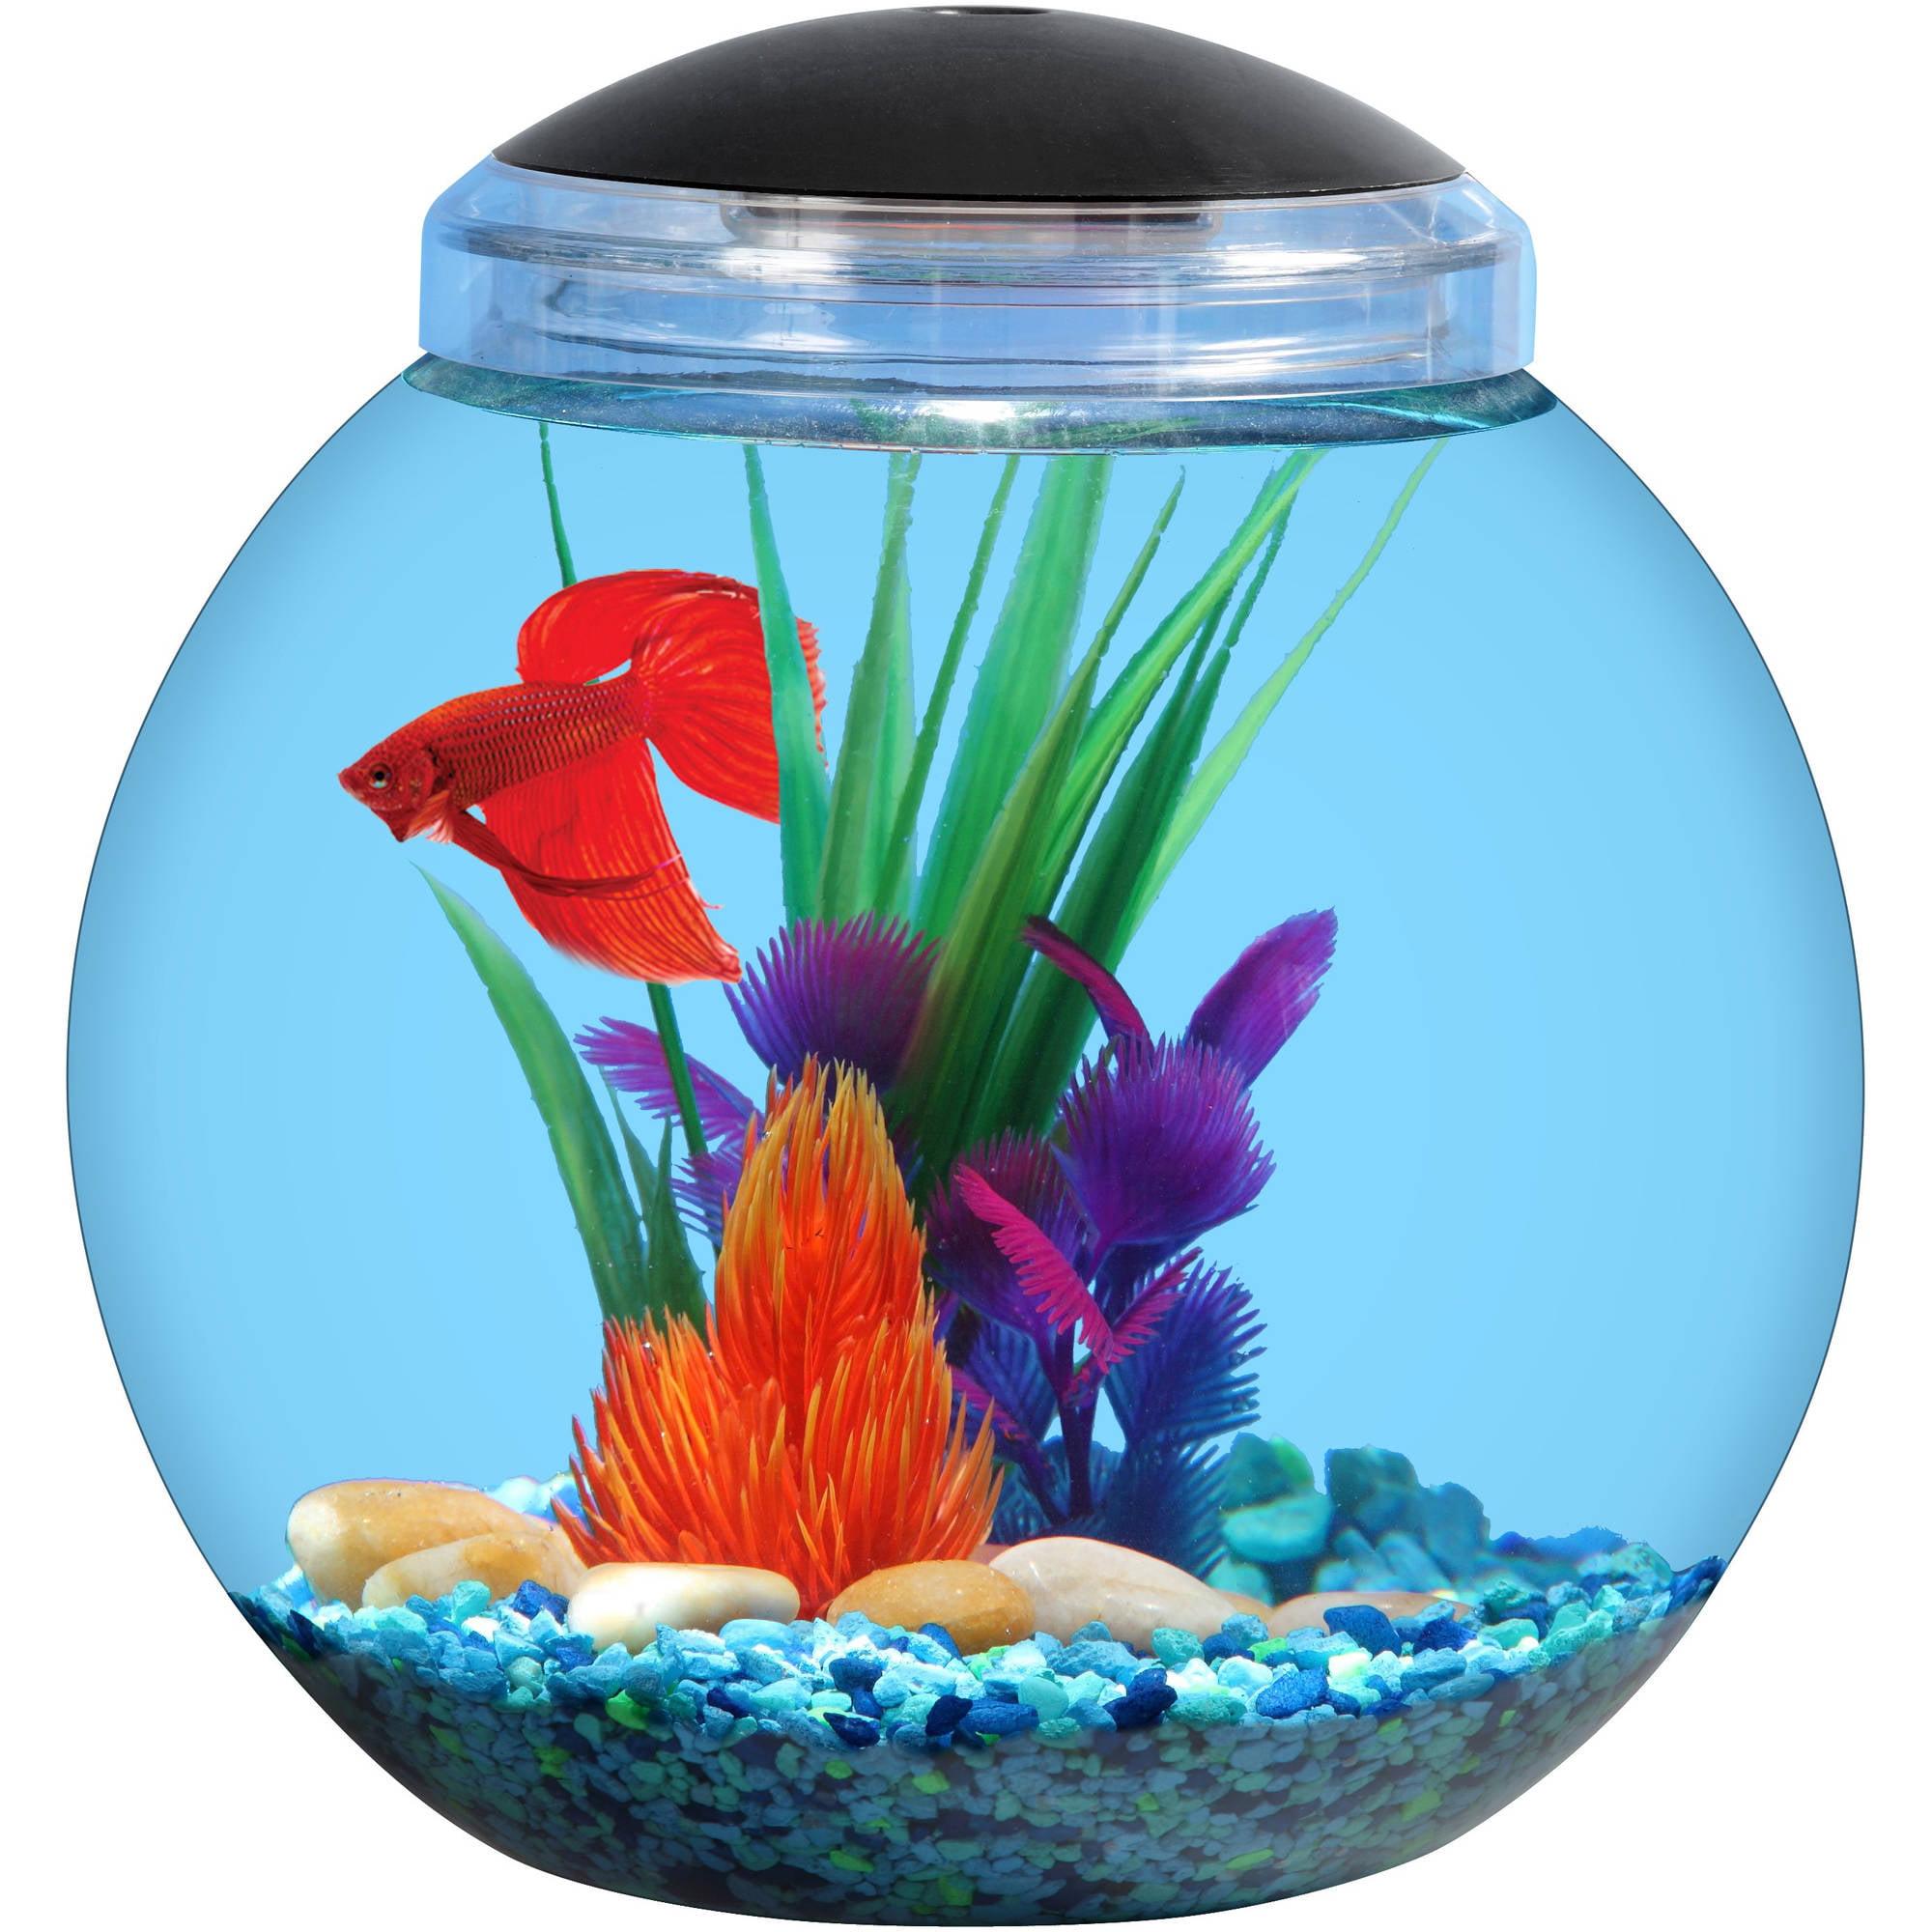 Aqua Culture 1 Gallon Betta Aquarium